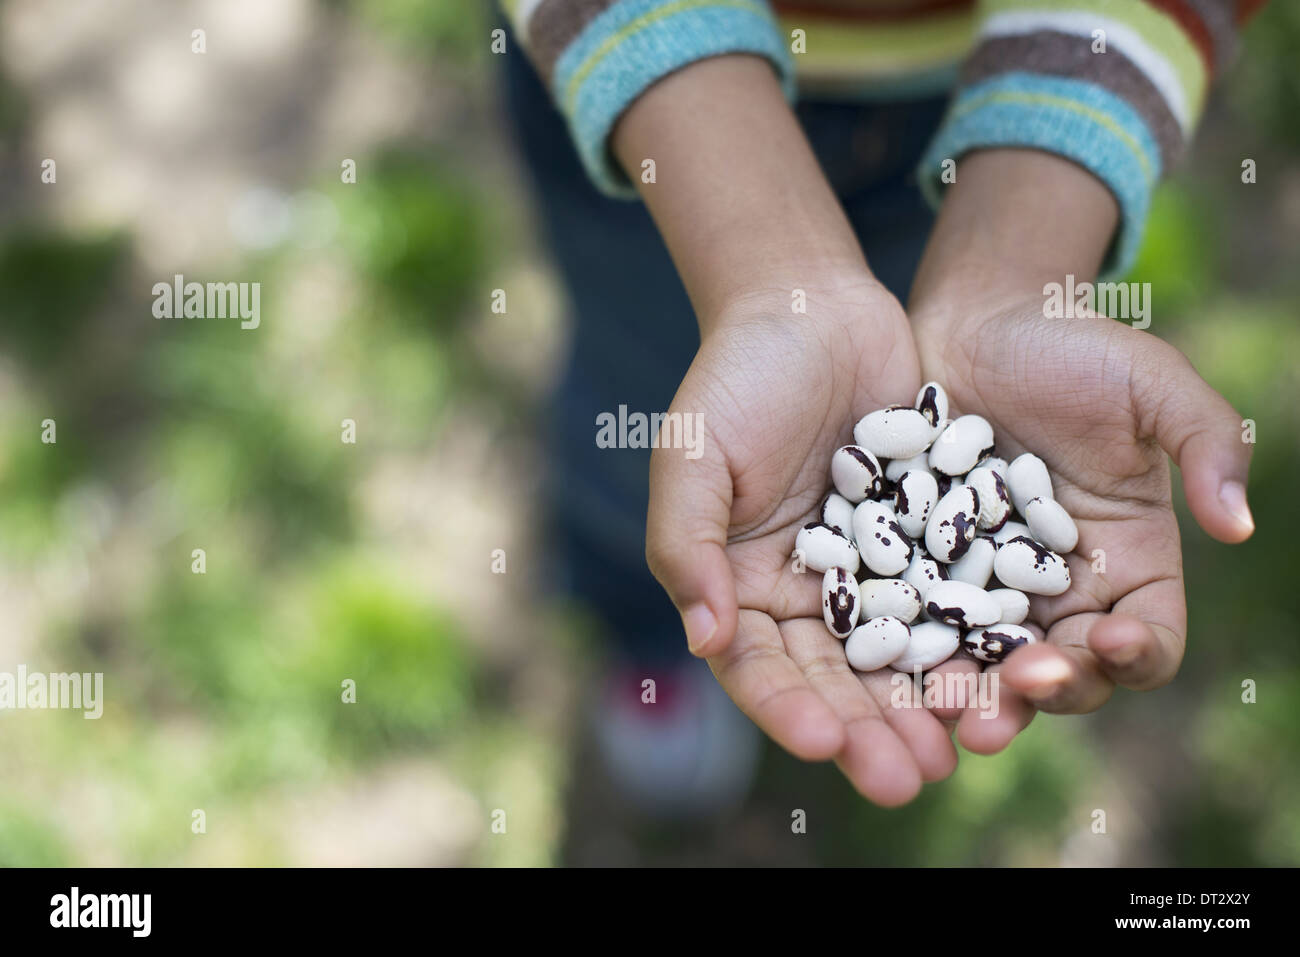 Un jeune garçon tenant une poignée de haricots Photo Stock